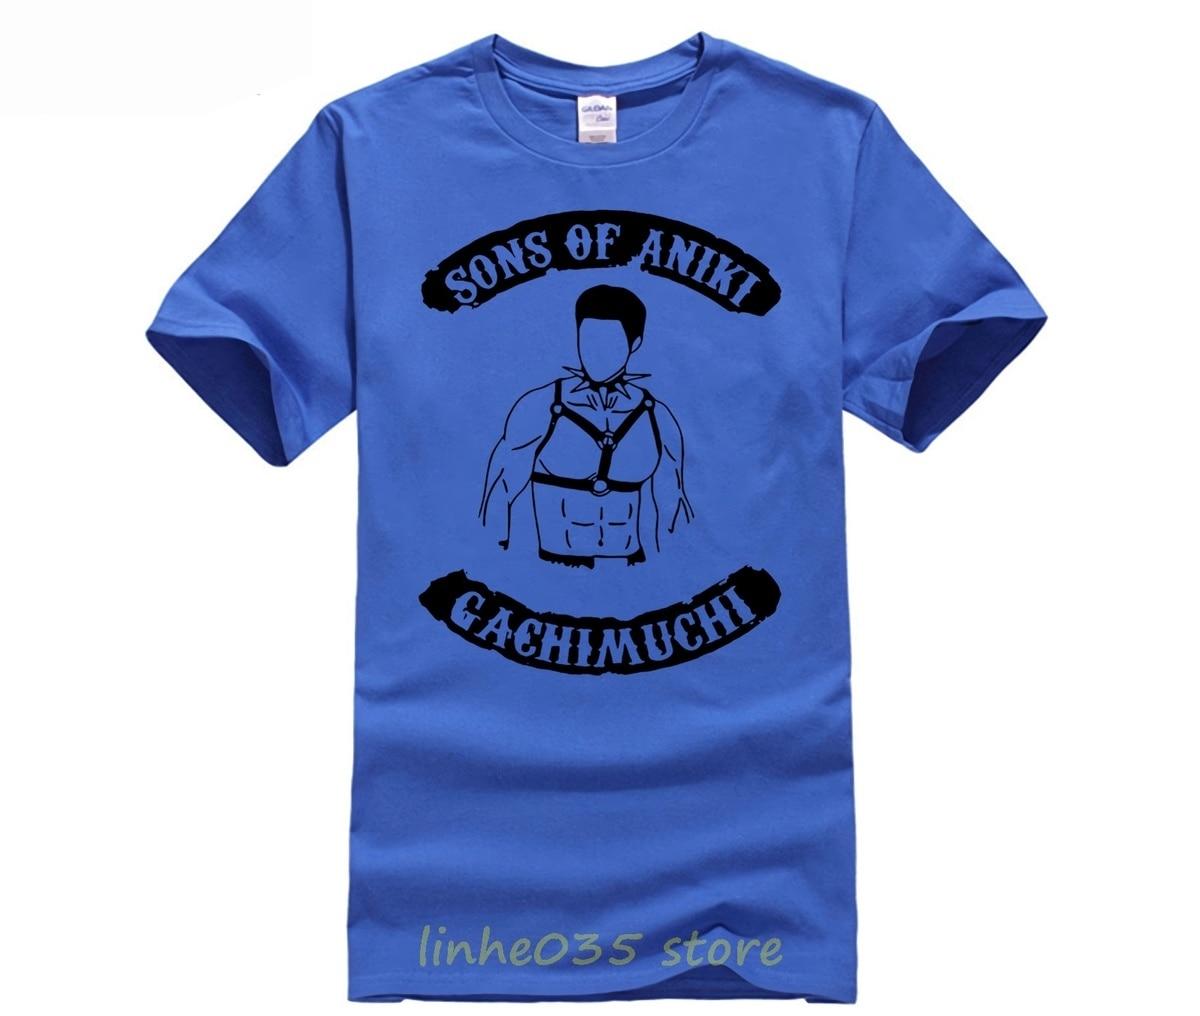 Camiseta para hombre de Billy Herrington, camisetas de fitness hip hop, camisetas para hombre, ropa, camiseta cmt de tamaño súper grande, pantalones cortos de algodón para hombre